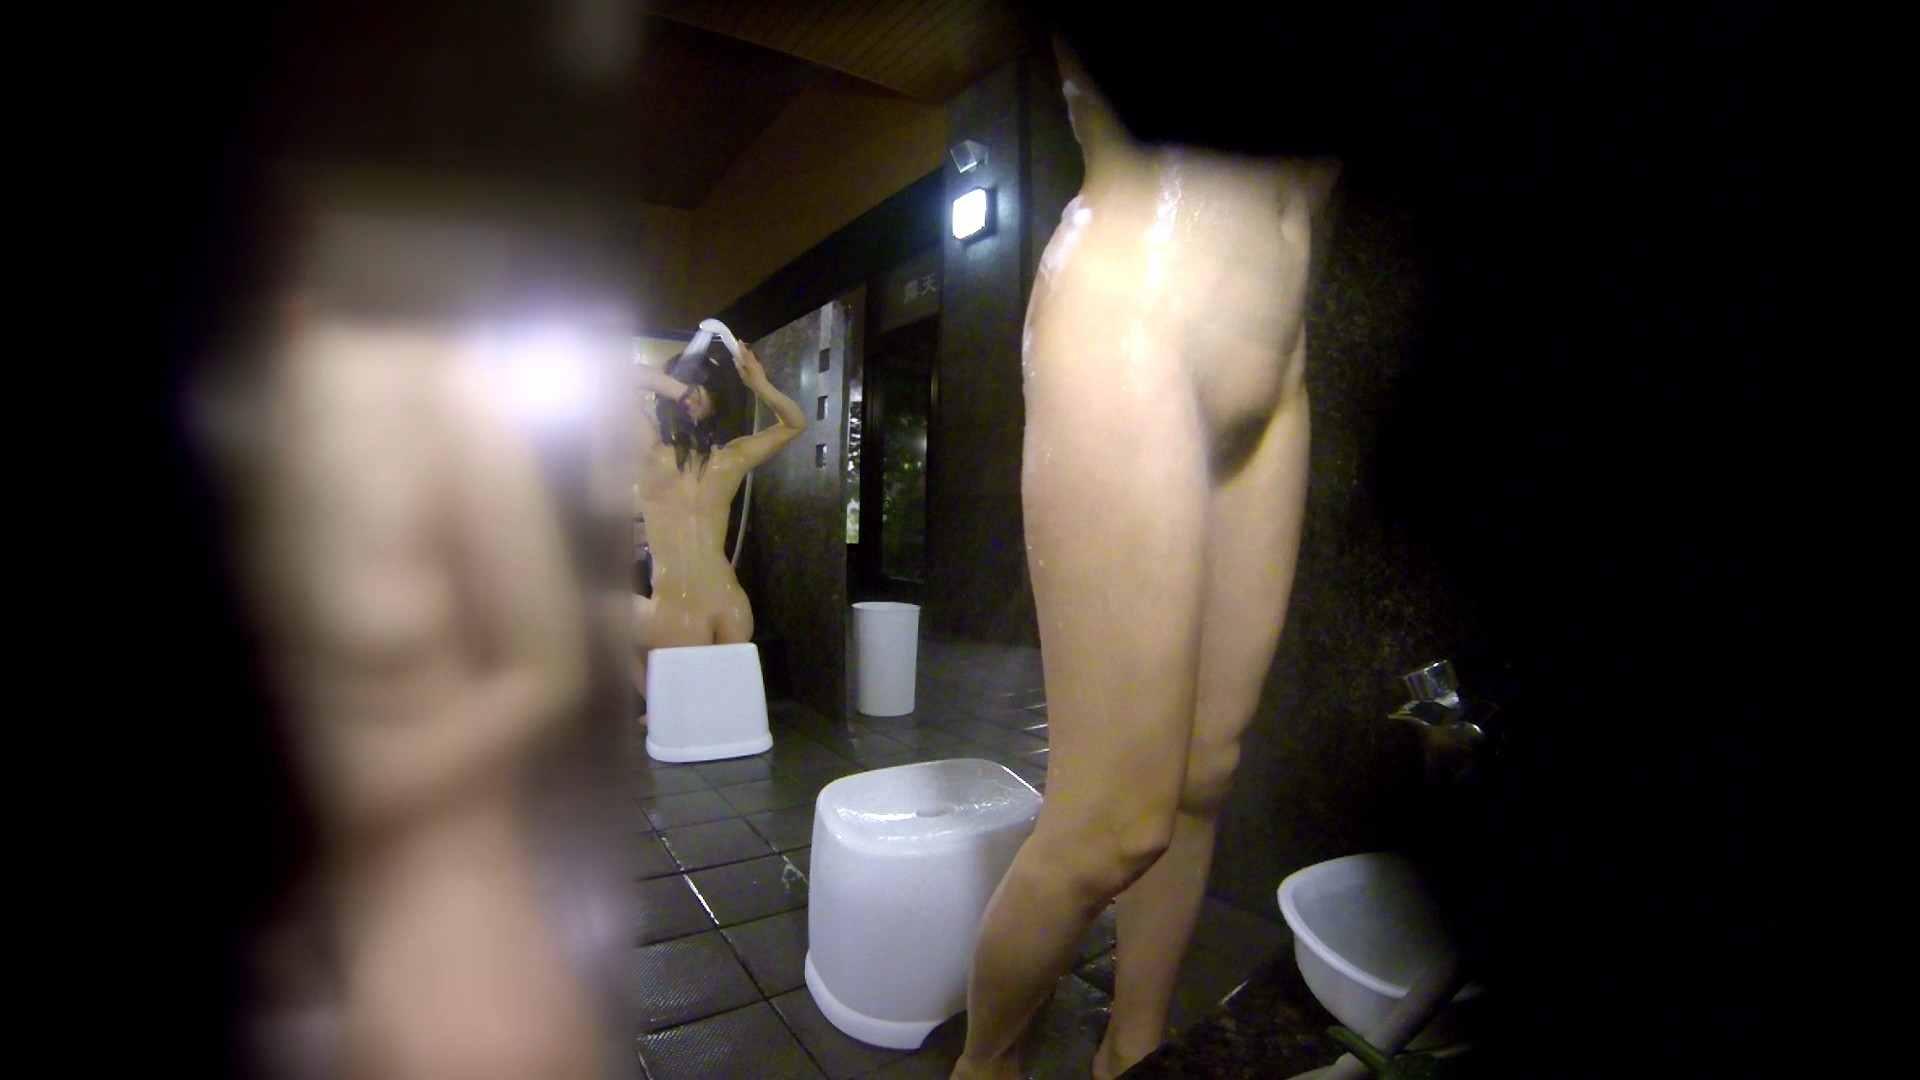 洗い場!SAM似のアラサーさん 潜入エロ調査   銭湯  75連発 57